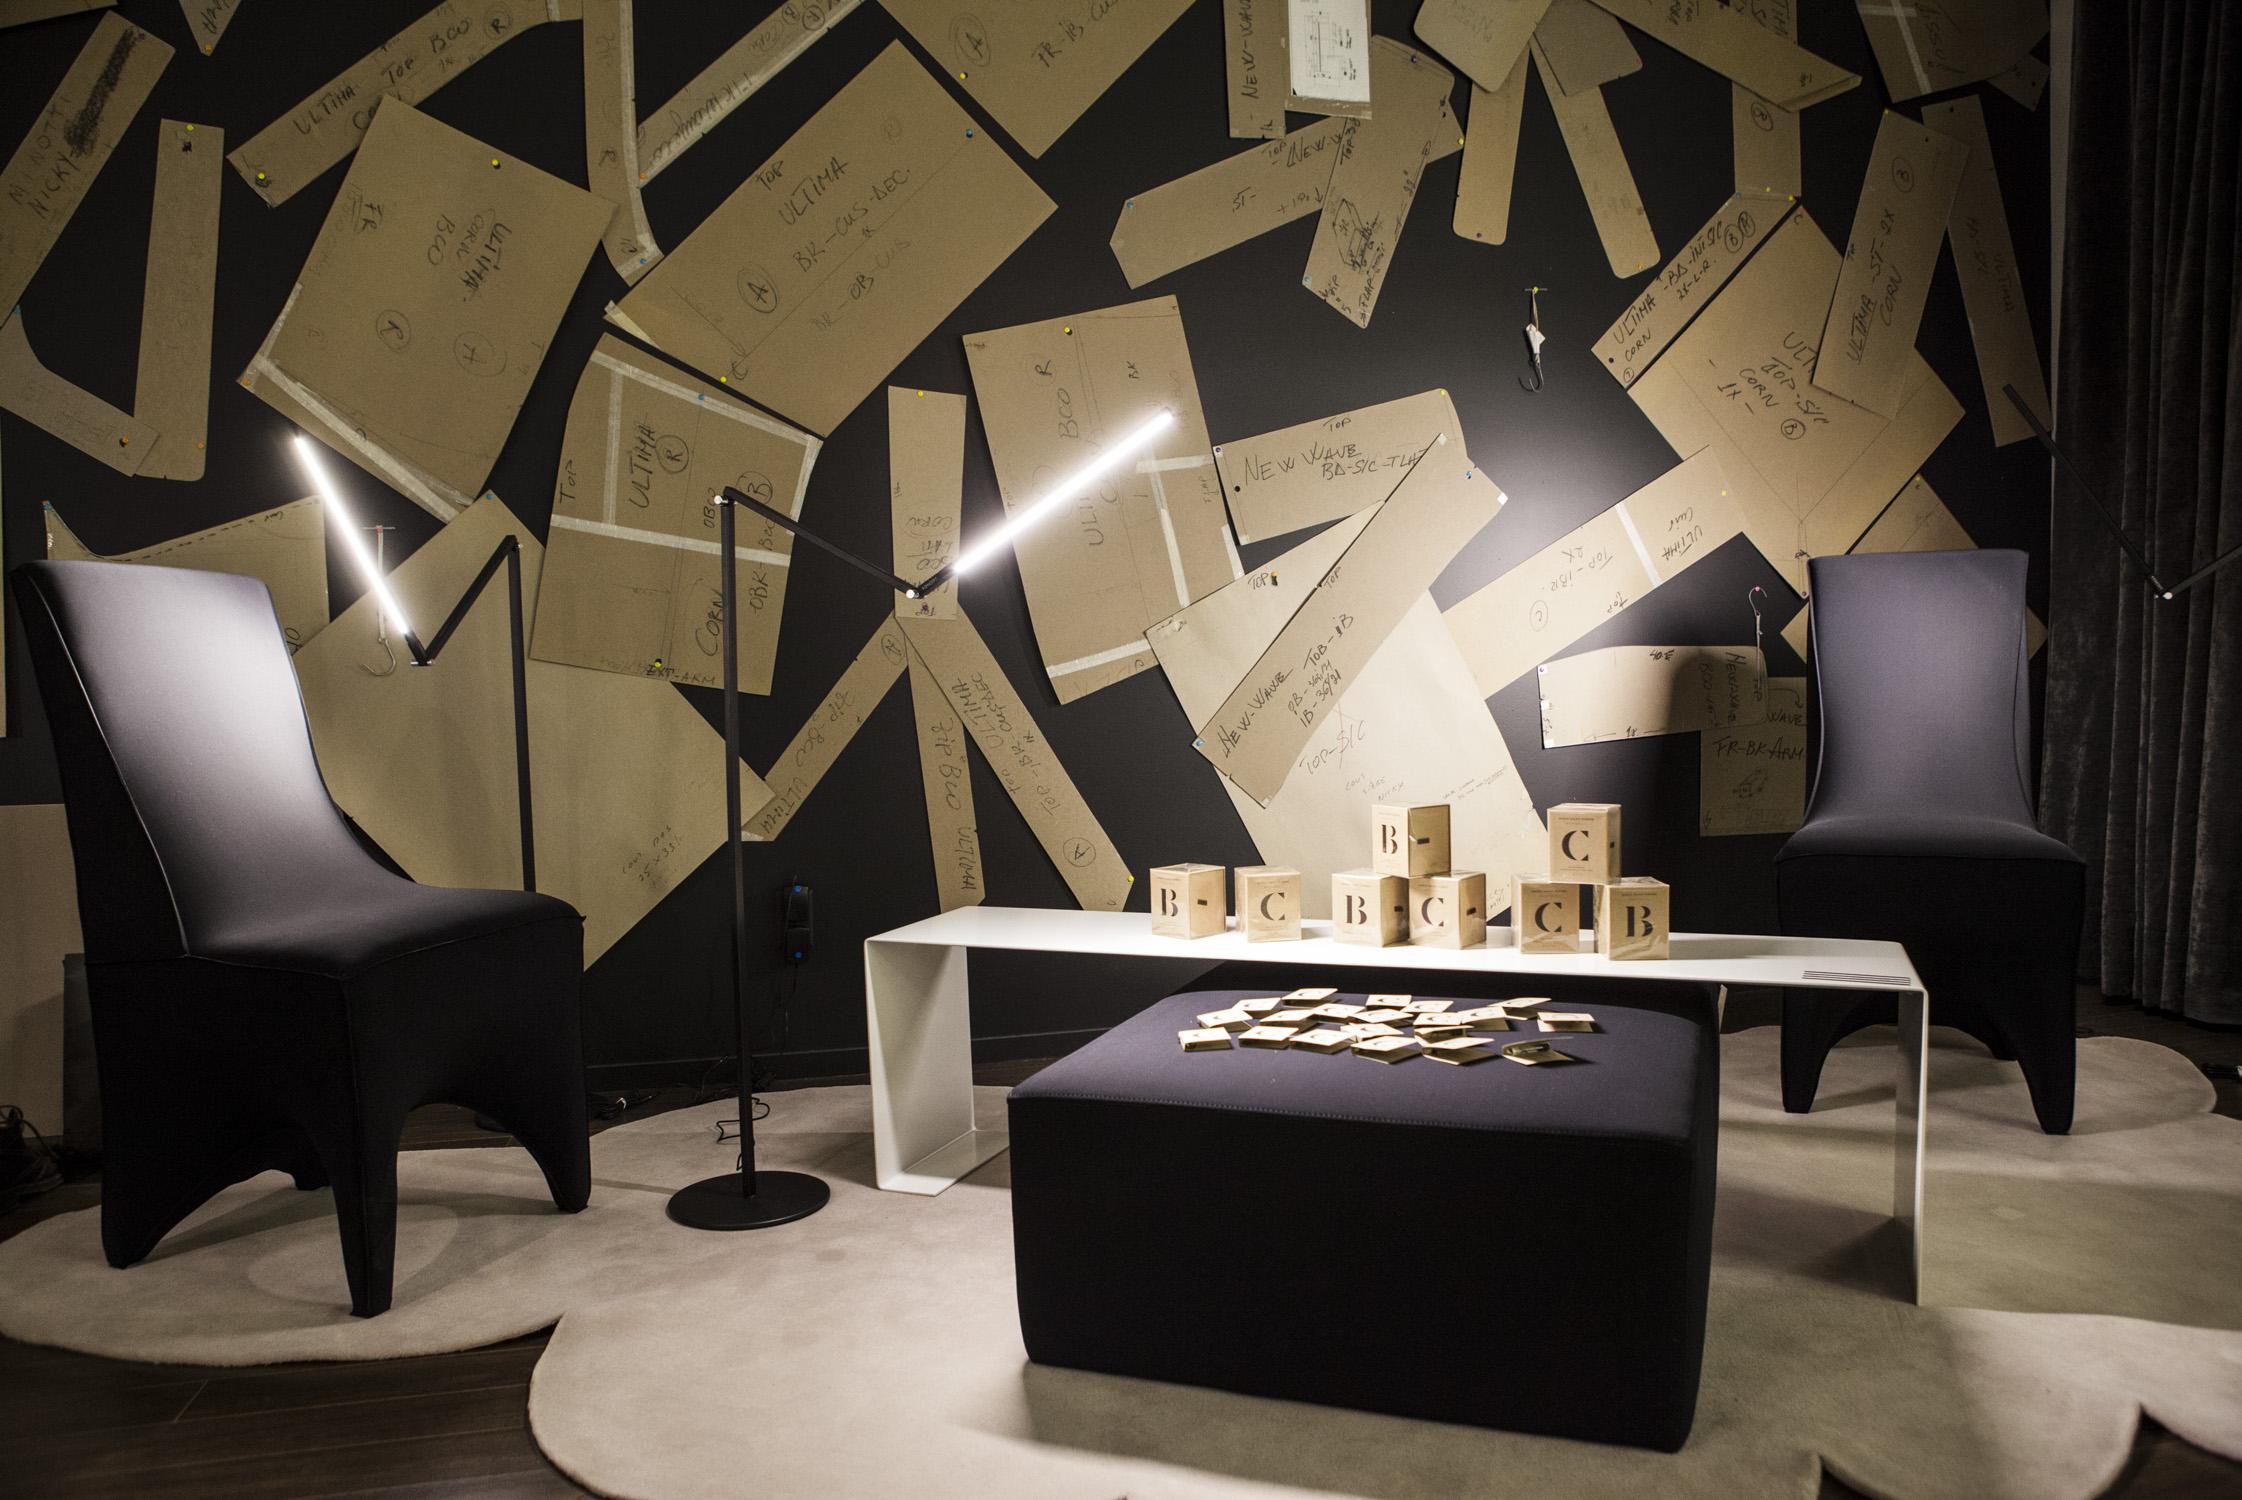 Marie Saint Pierre X Meubles Re-No: Fashionable Furnishings  – montrealgazette.com, April 14, 2014